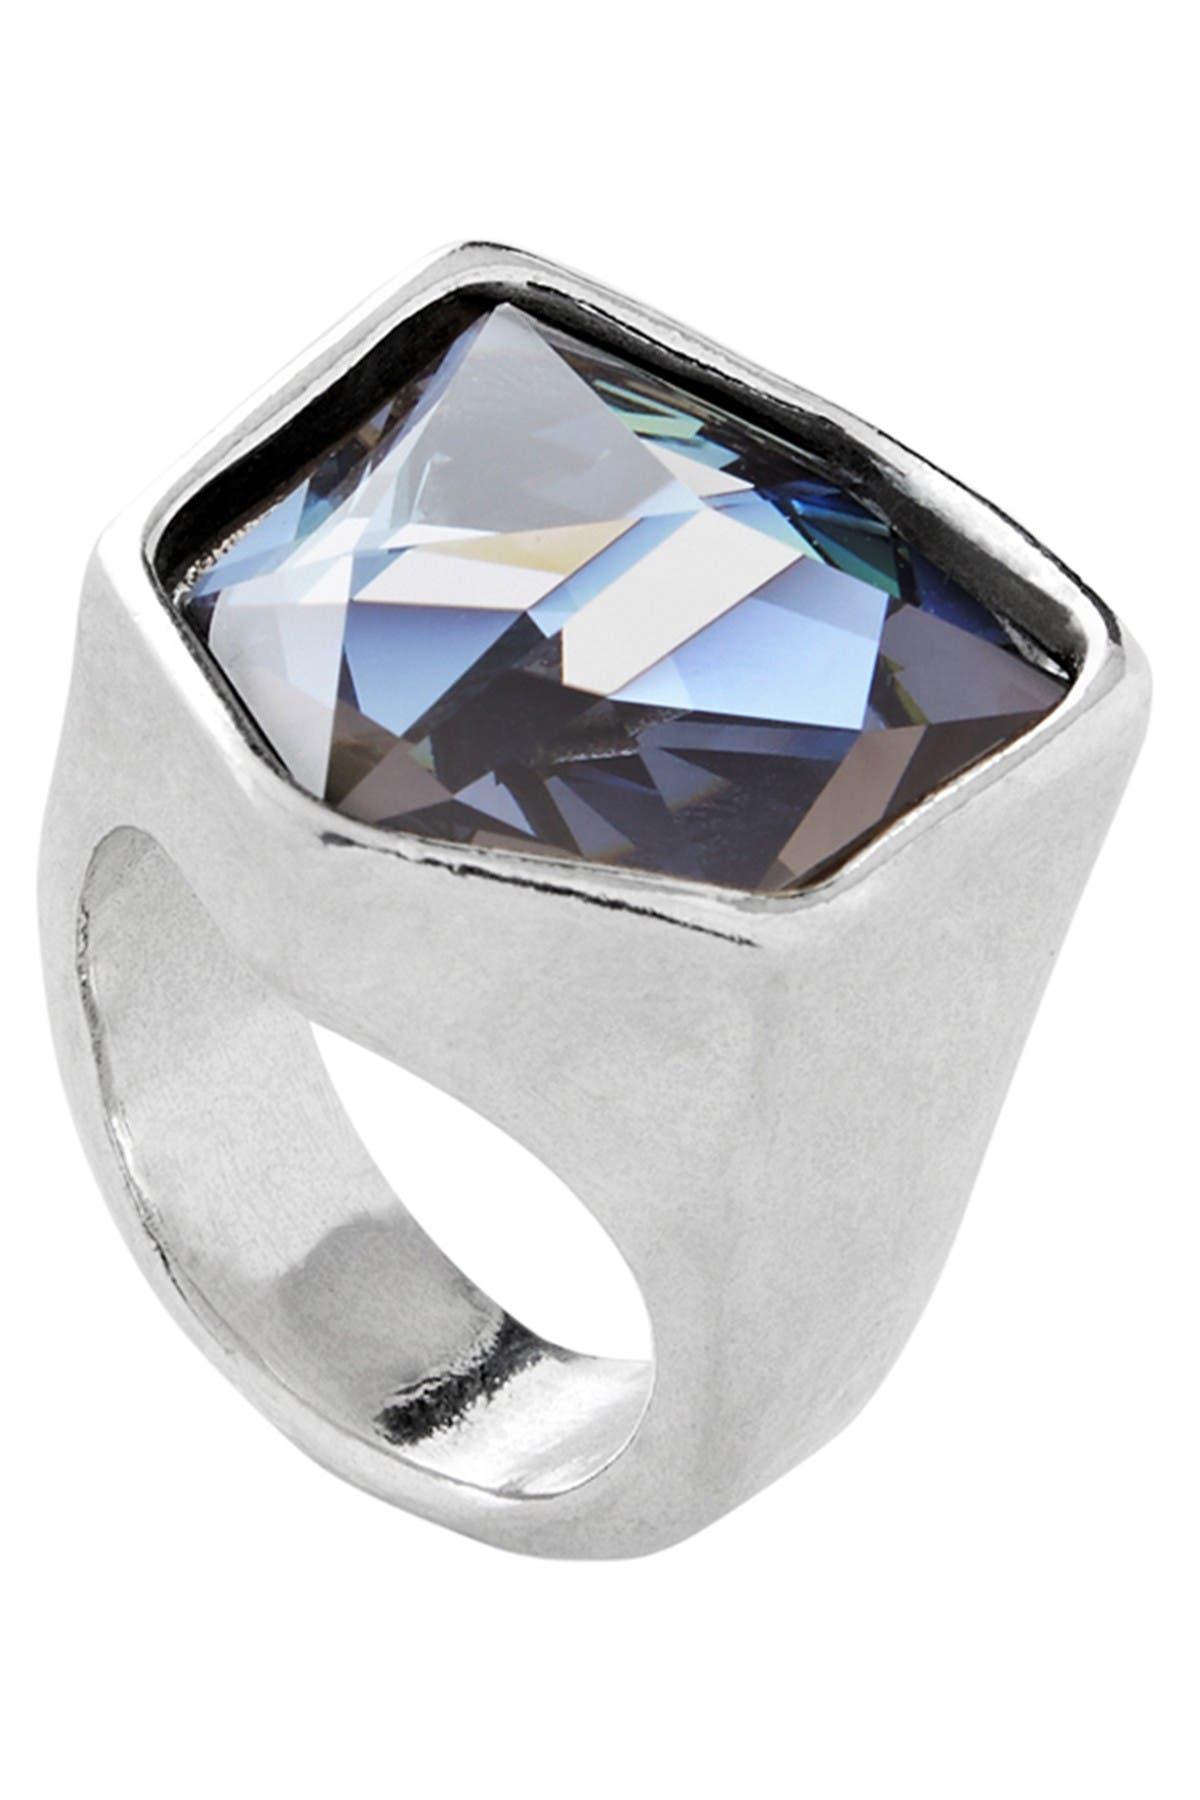 Image of Uno De 50 Fresh Ring